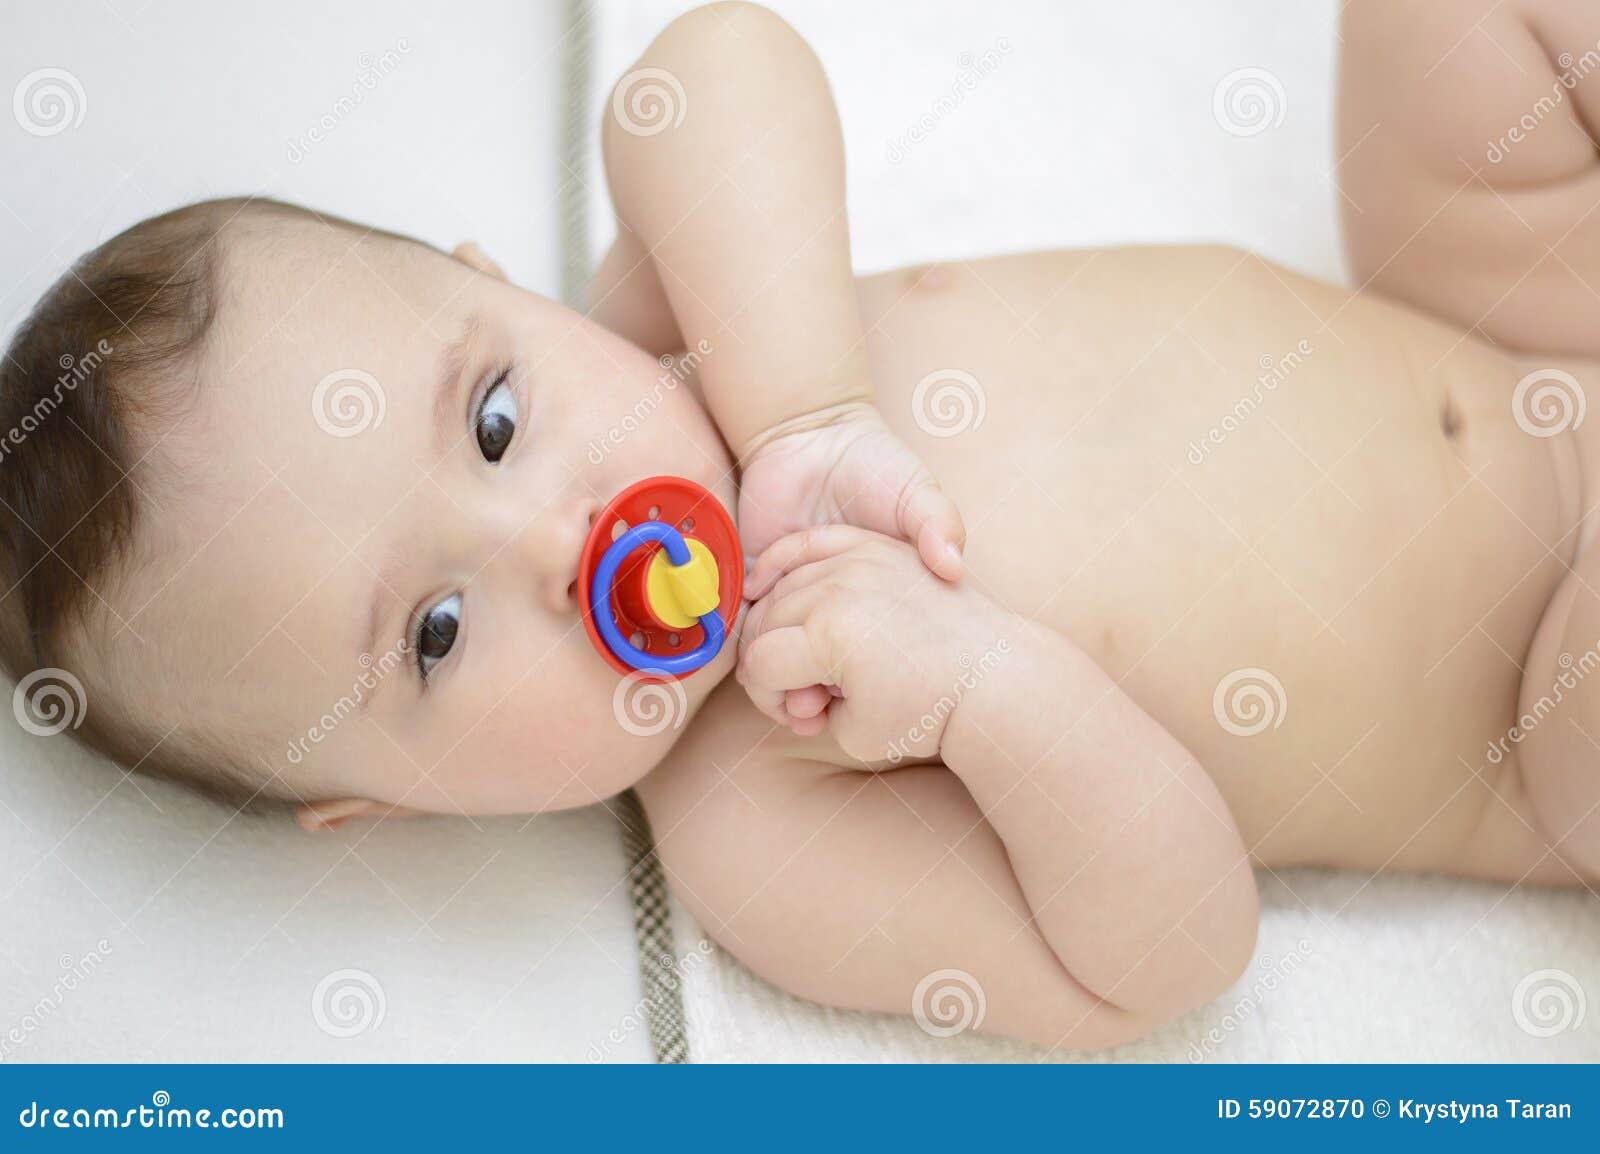 Λήψη royalty-free αρχείου Χαριτωμένο μωρό Γυμνό κορίτσι που κάθεται στο.